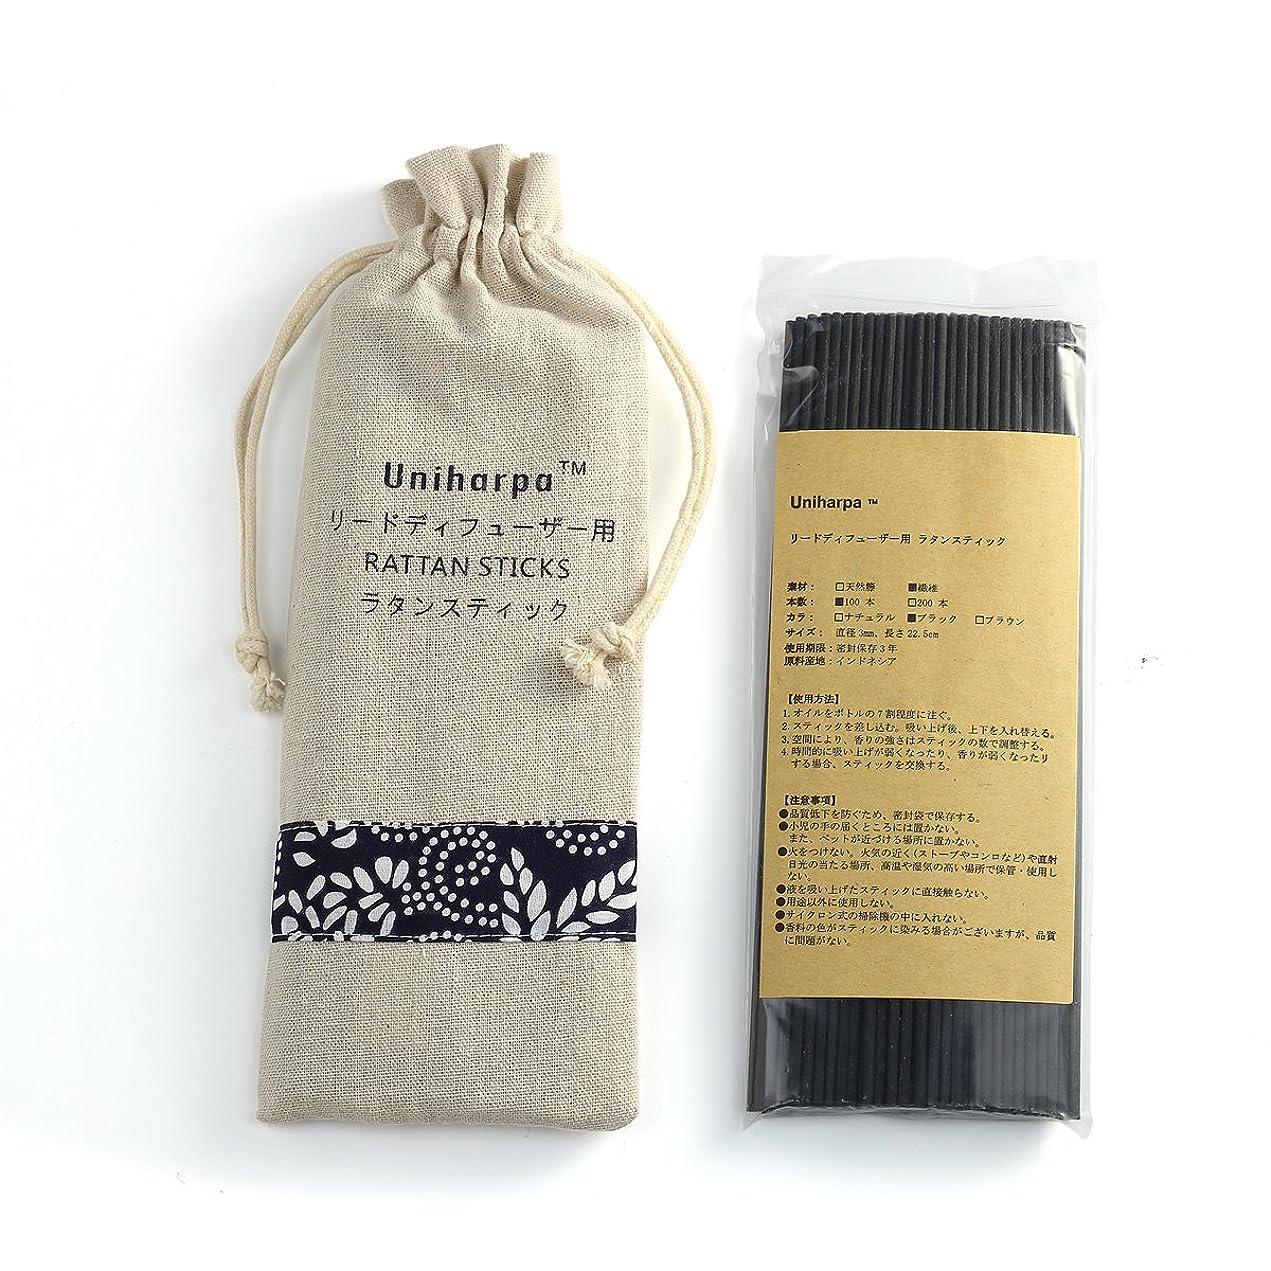 クモ借りている面積リードディフューザー用 ラタンスティック/リードスティック リフィル 繊維素材 22.5cm 直径3mm 100本入 乾燥剤入り オリジナル旅行専用袋付 (ブラック)